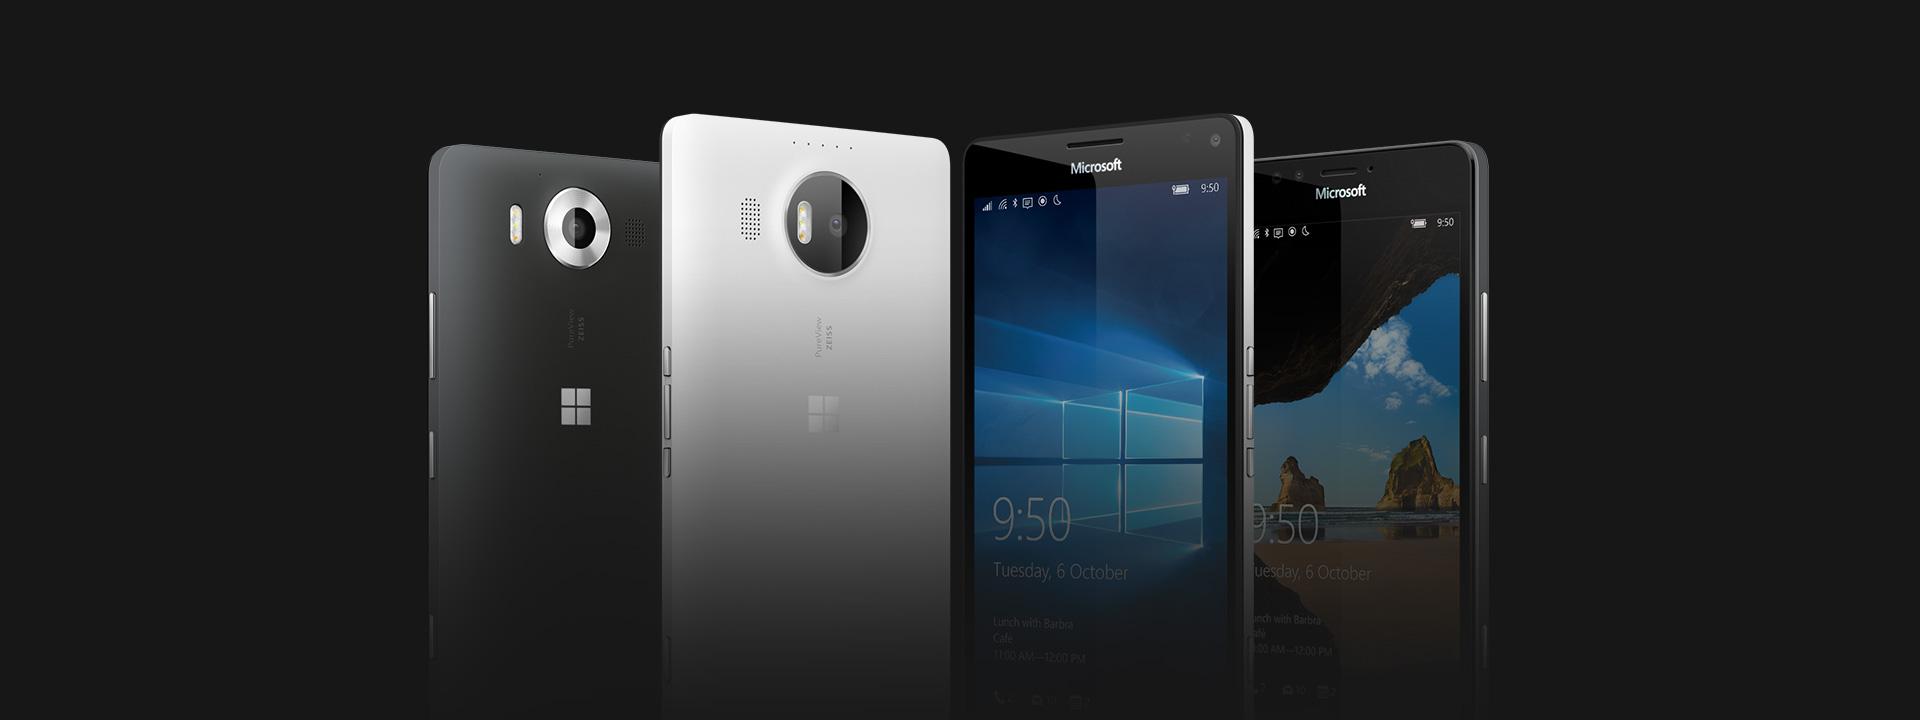 Saznajte više o Lumia 950 i Lumia 950 XL.